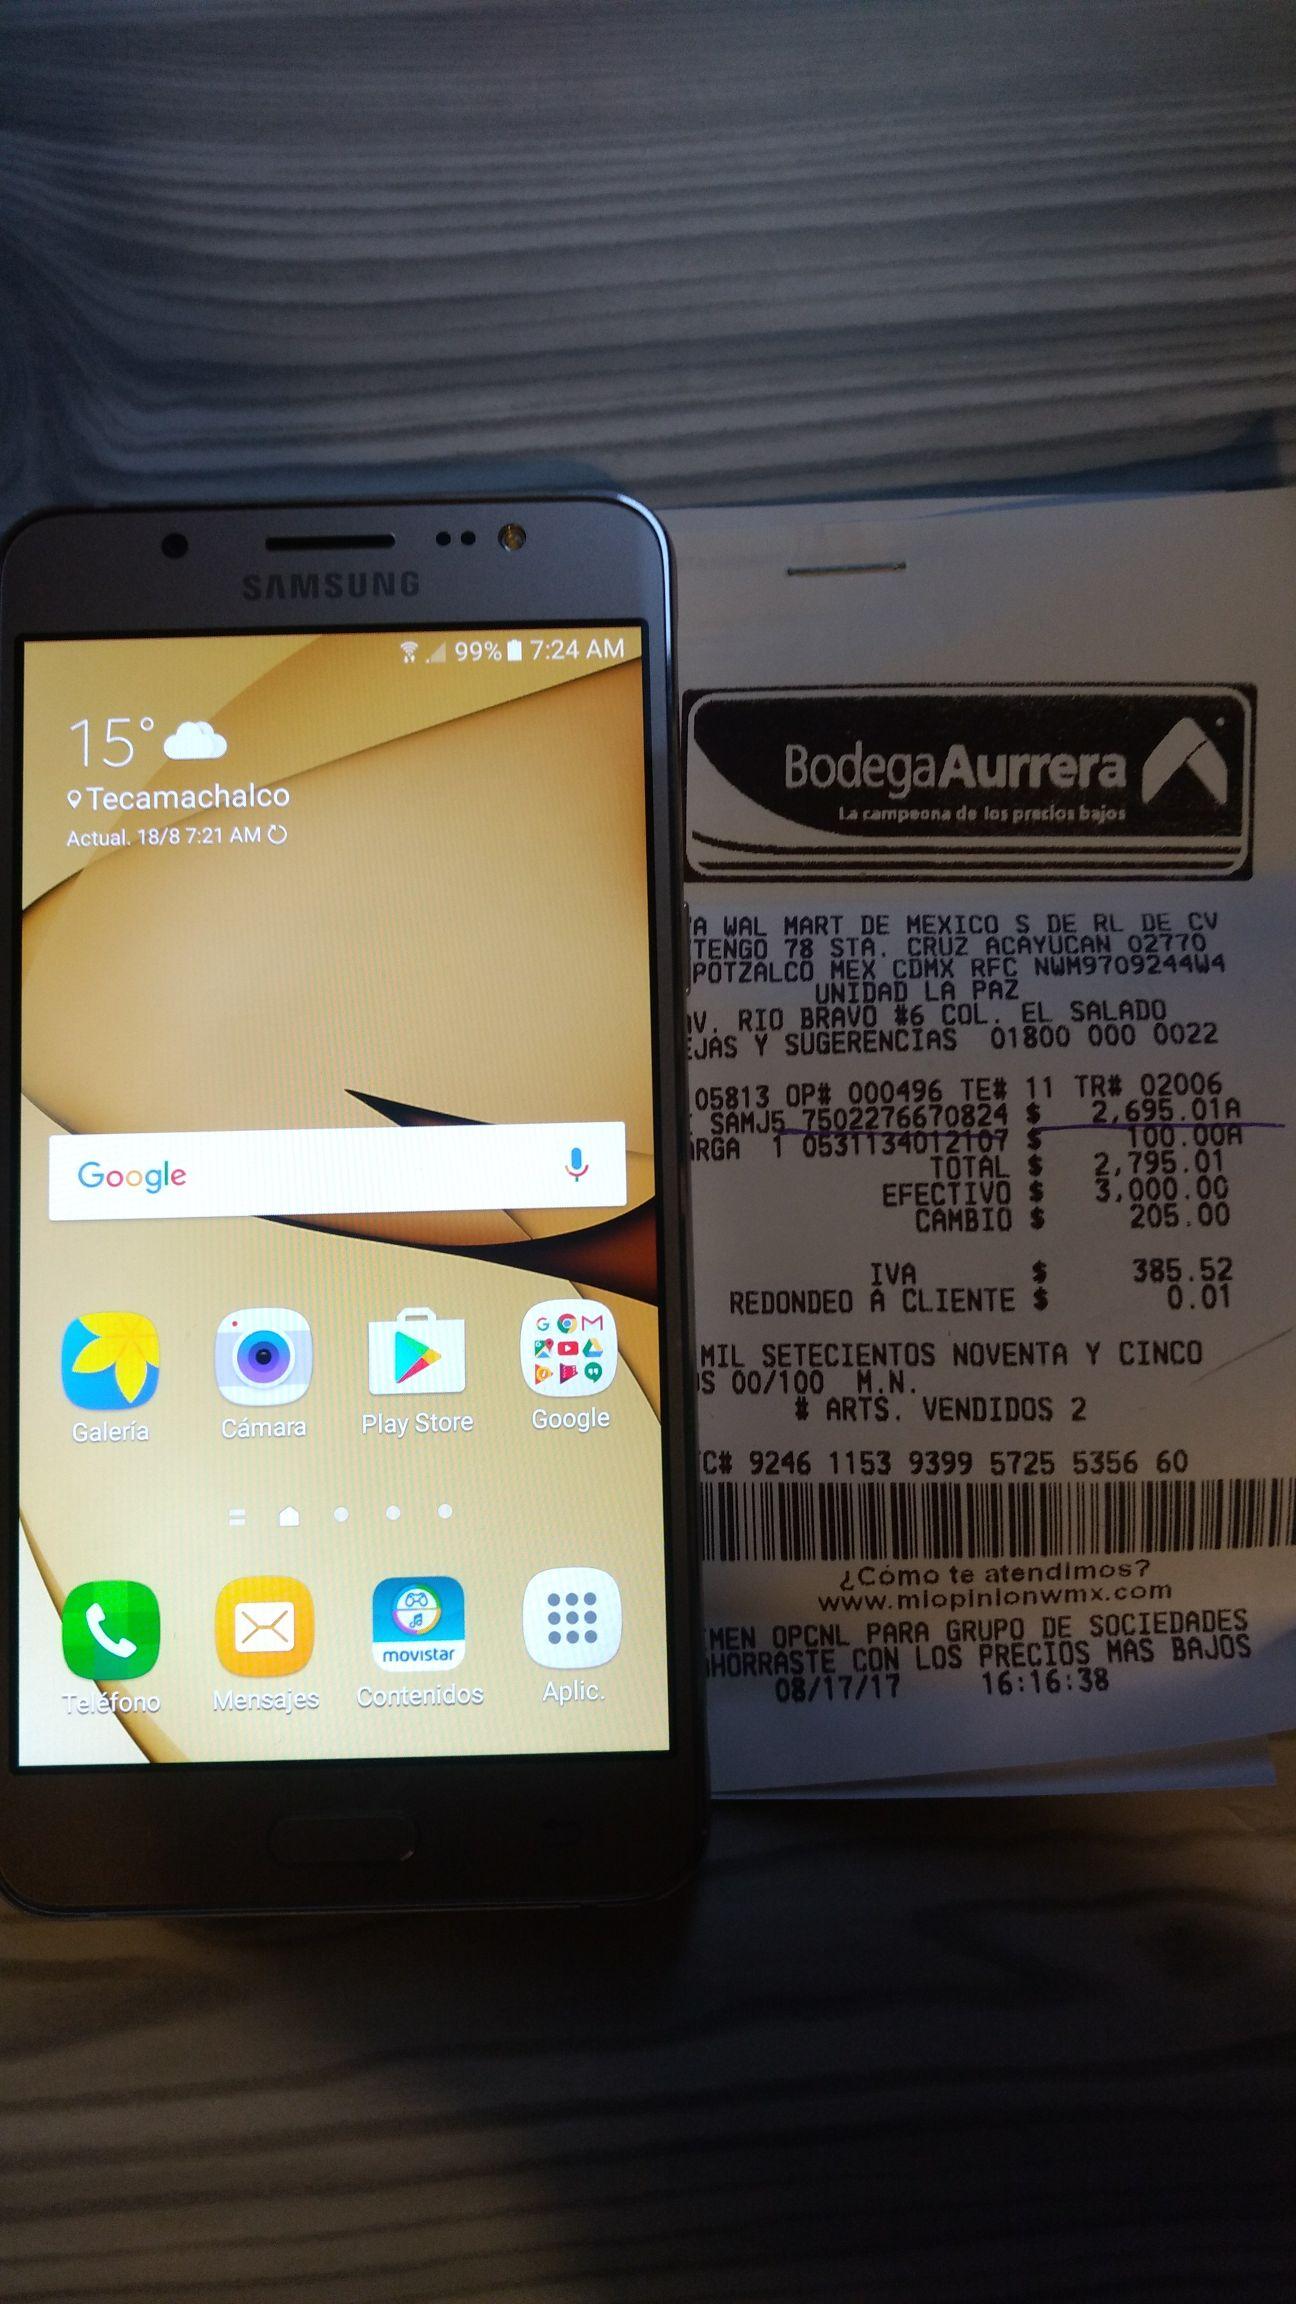 Bodega Aurrerá: Samsung J5 metal a $2,695.01